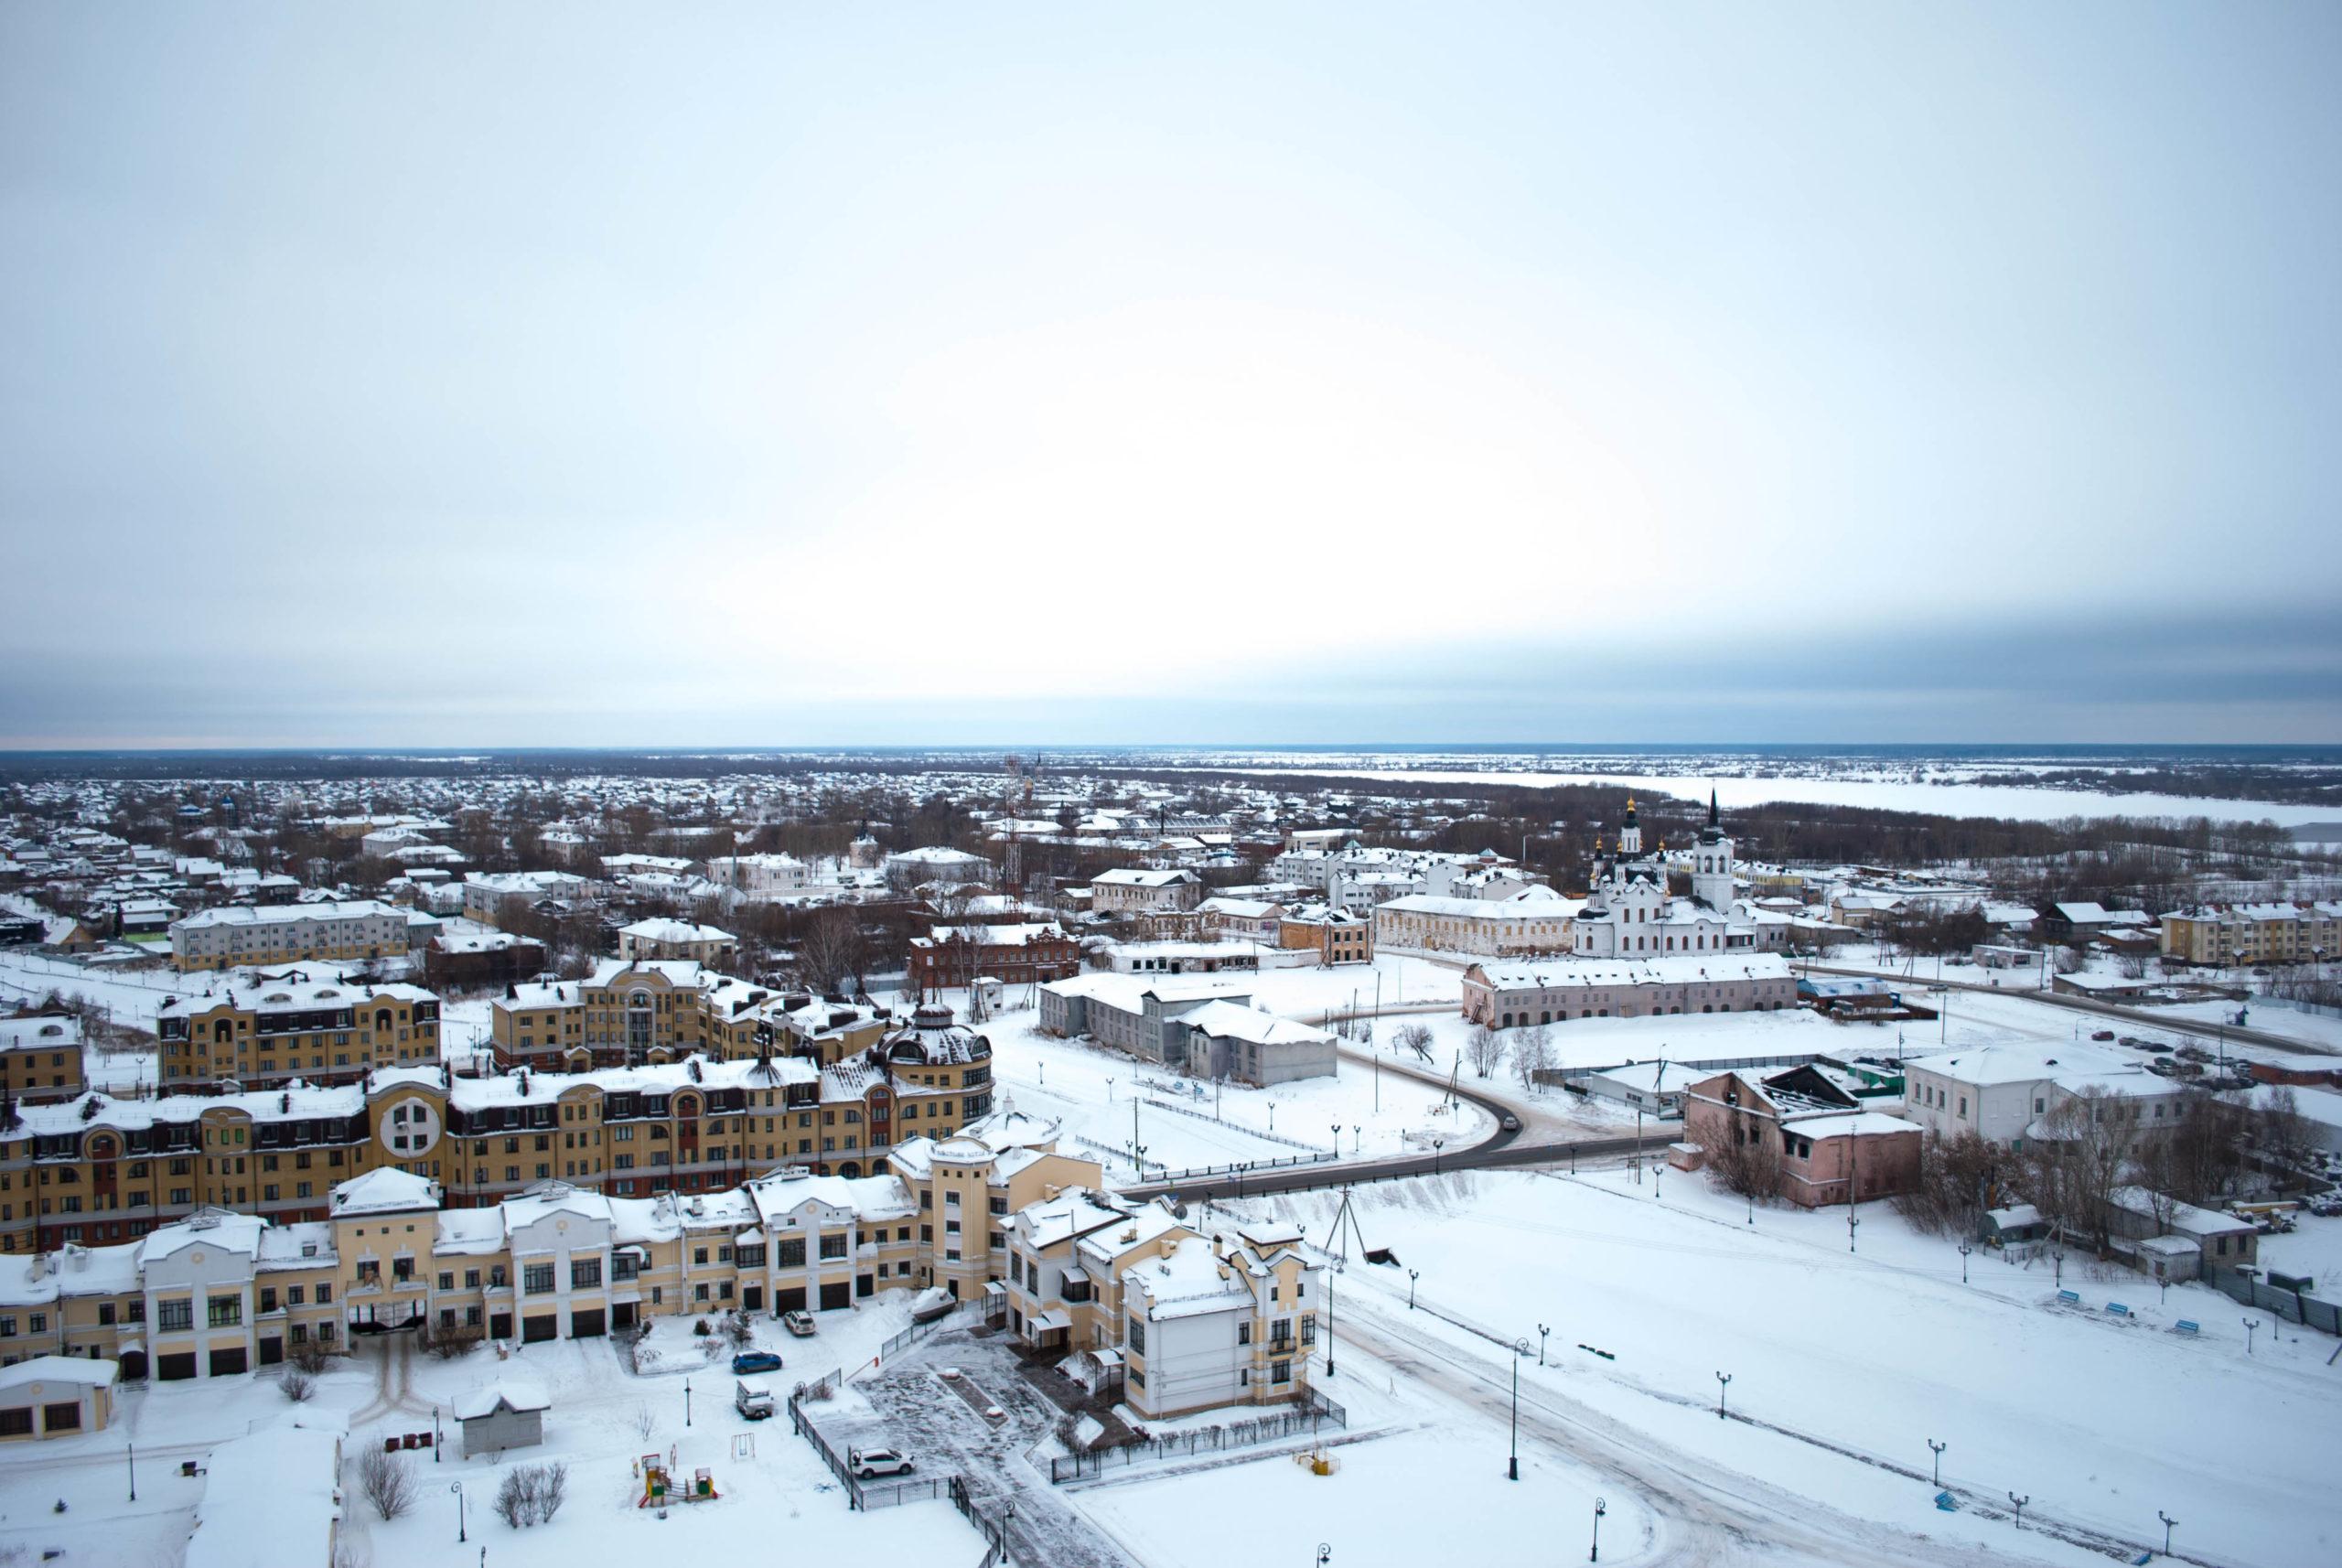 Нижний город, Тобольск, Тюменская область, достопримечательности Тобольска, Сибирь, Тобольский Кремль